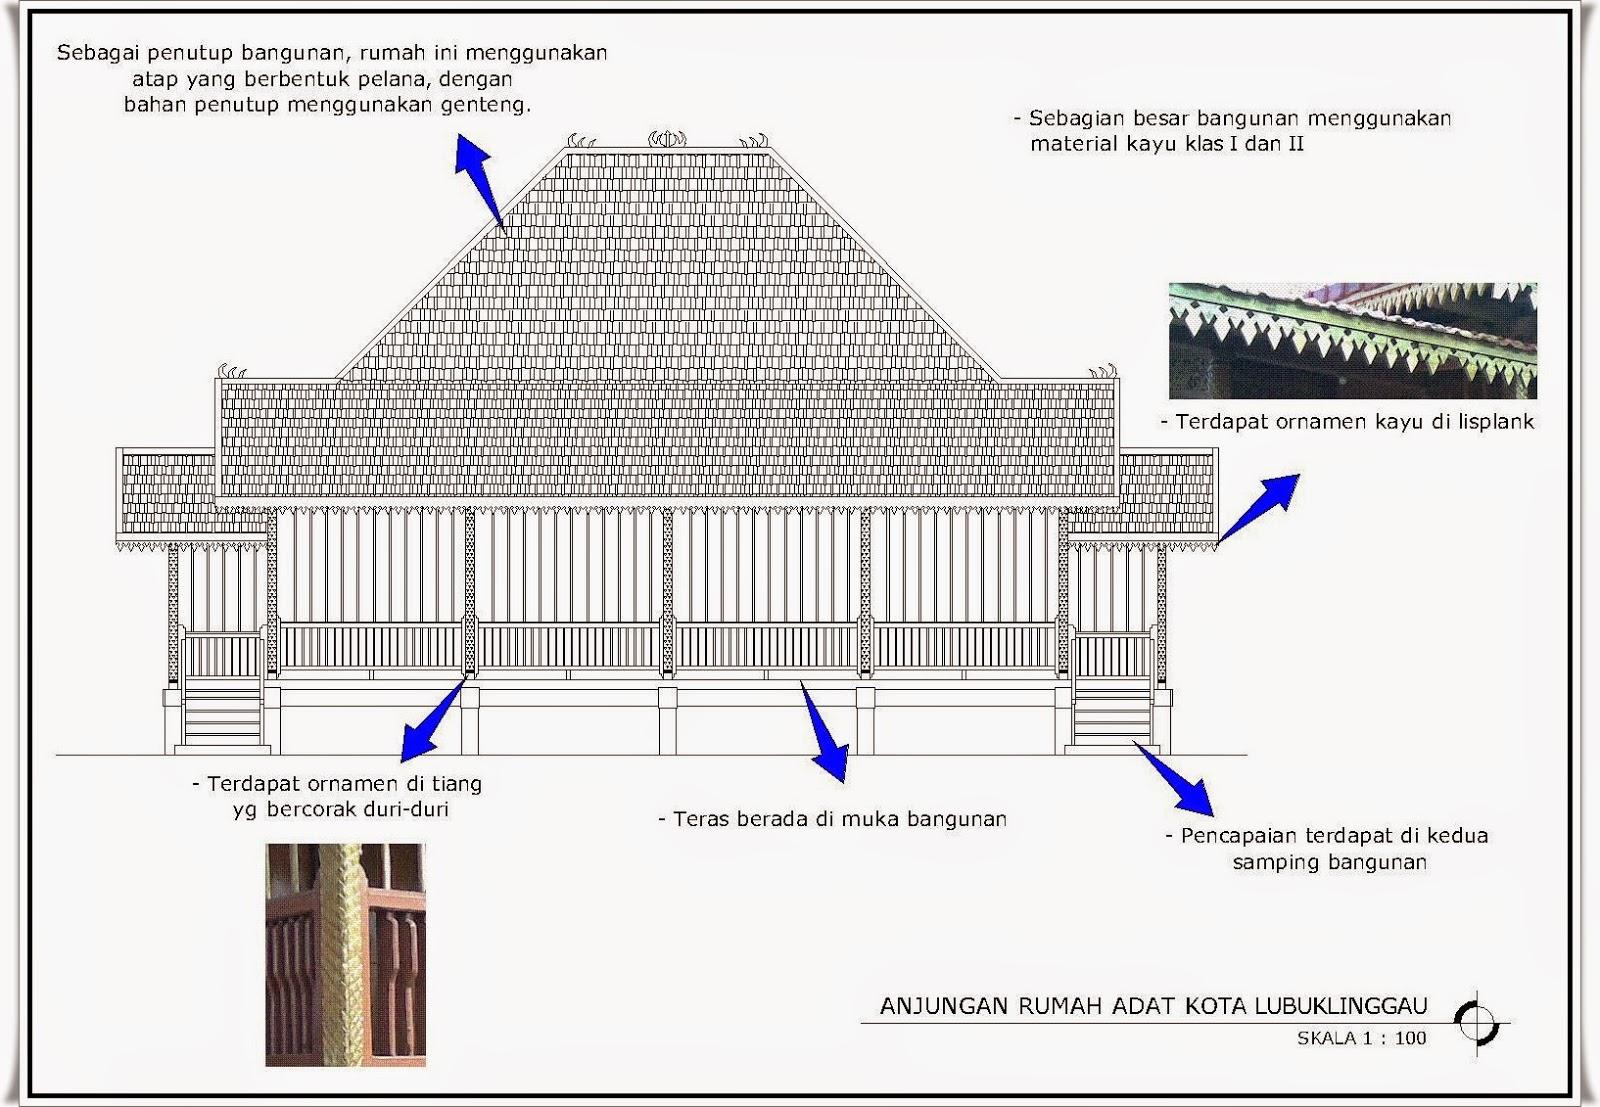 Budaya Sumatera Selatan Rumah Adat Kota Lubuklinggau Limas Palembang